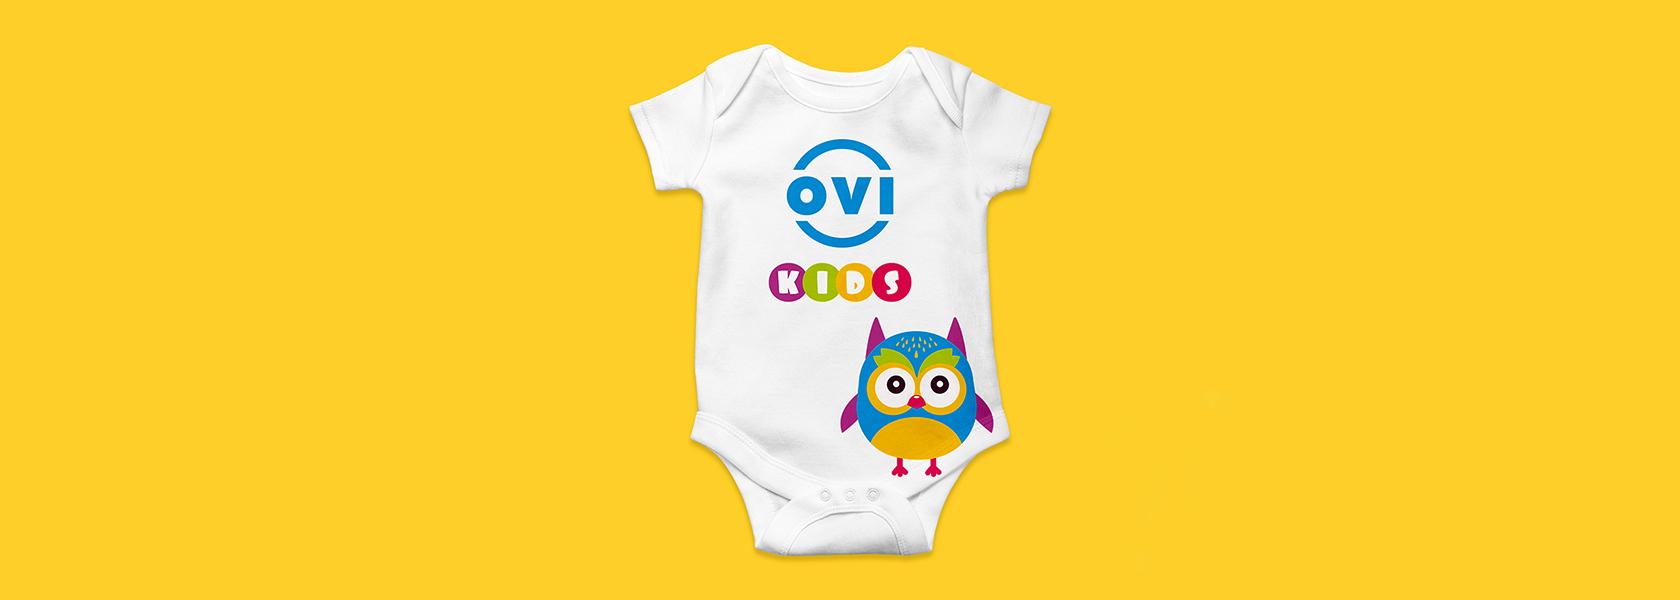 Ovi Kids logotype